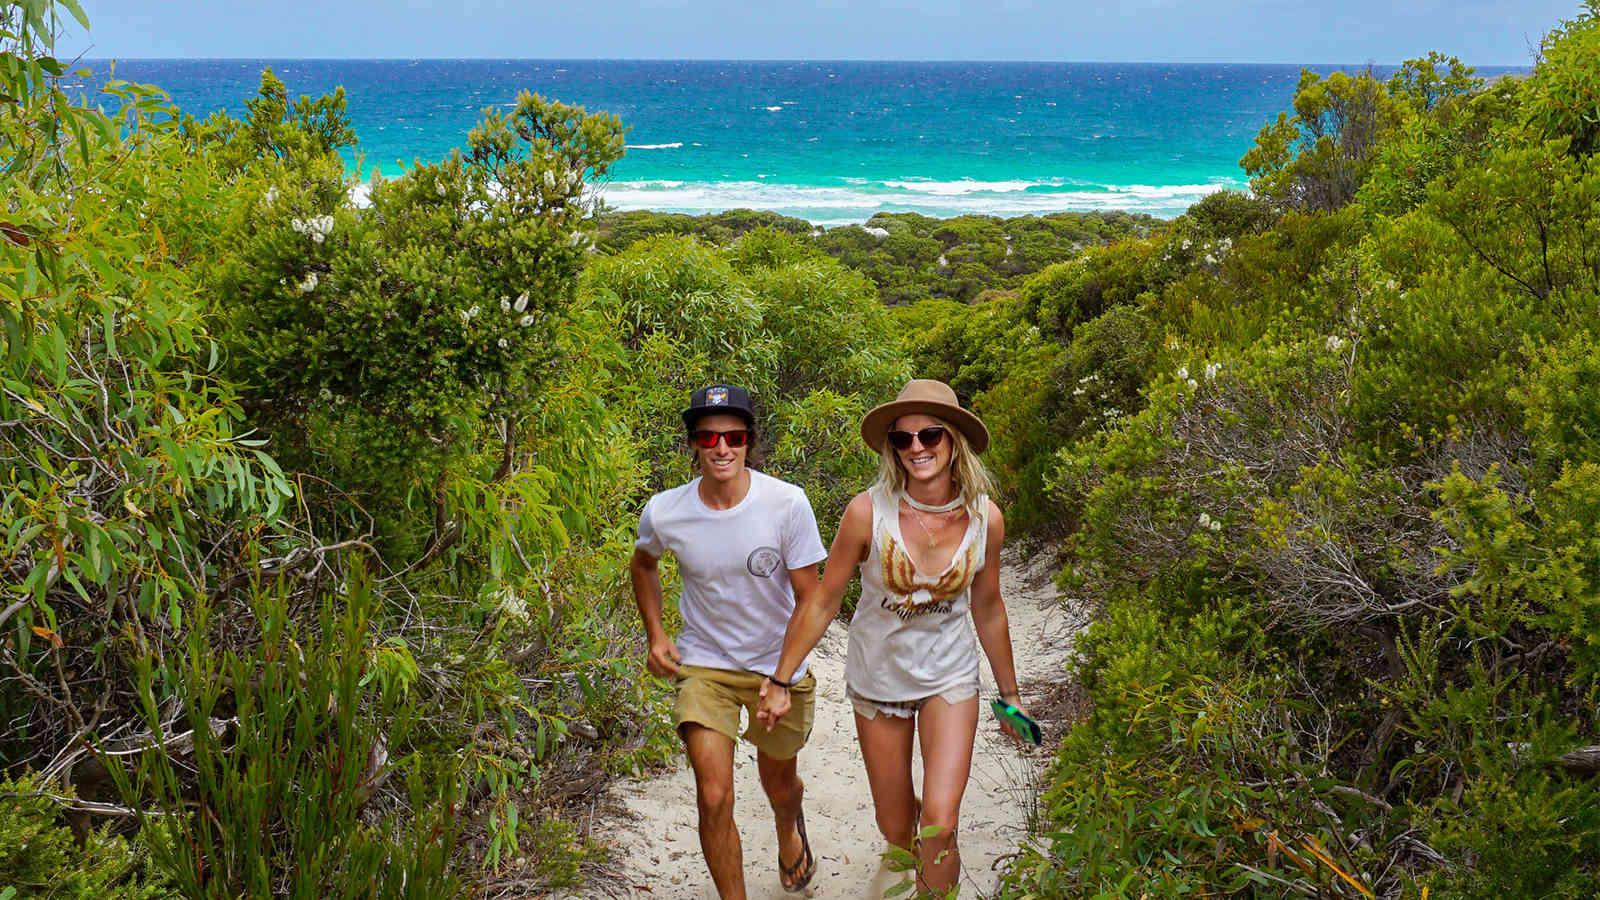 Vivonne Bay Beach Walking 1600X900